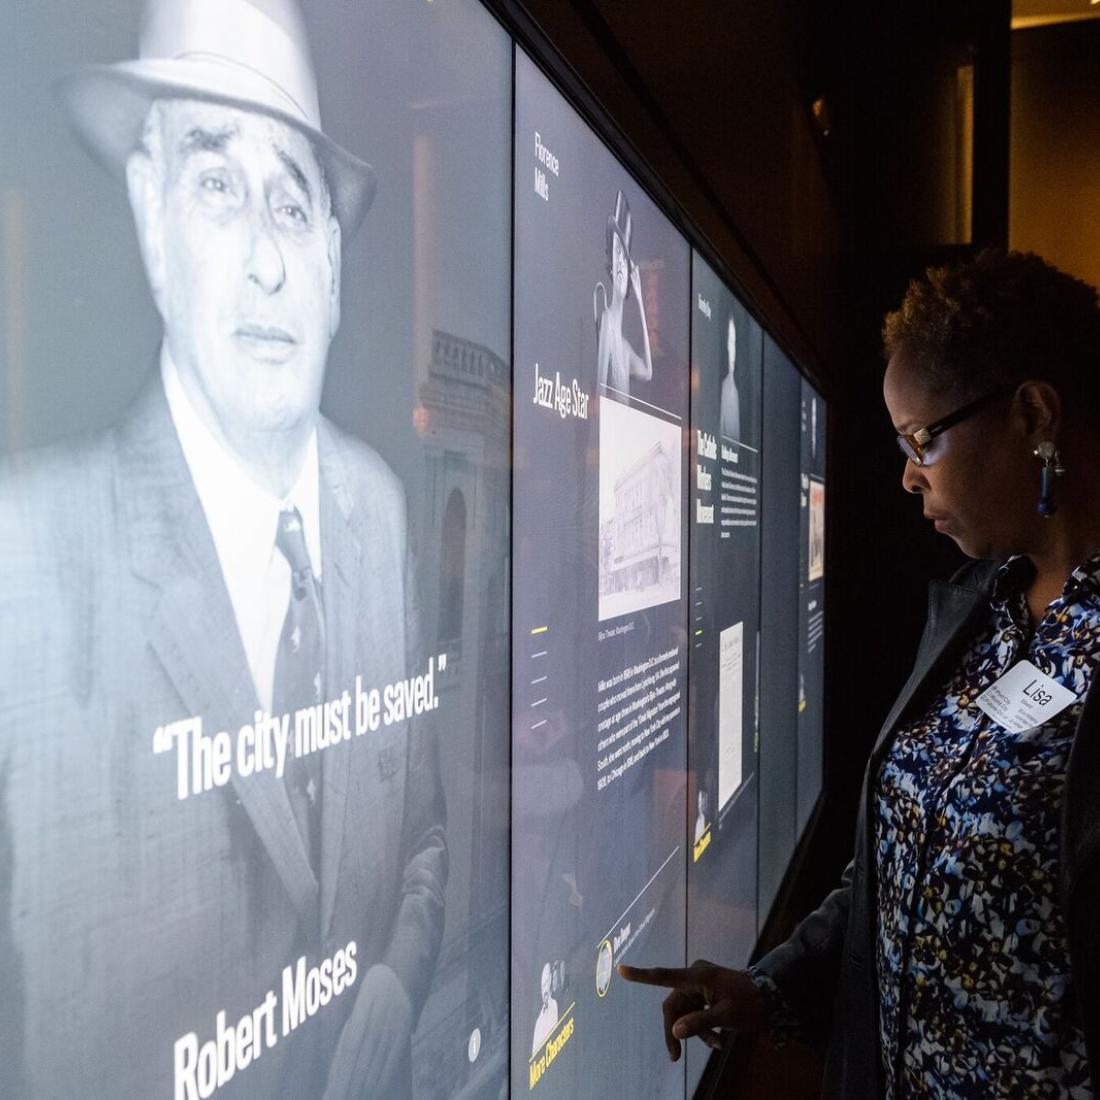 Fotografia de um educador examinando histórias de nova-iorquinos do século XX na galeria da cidade.